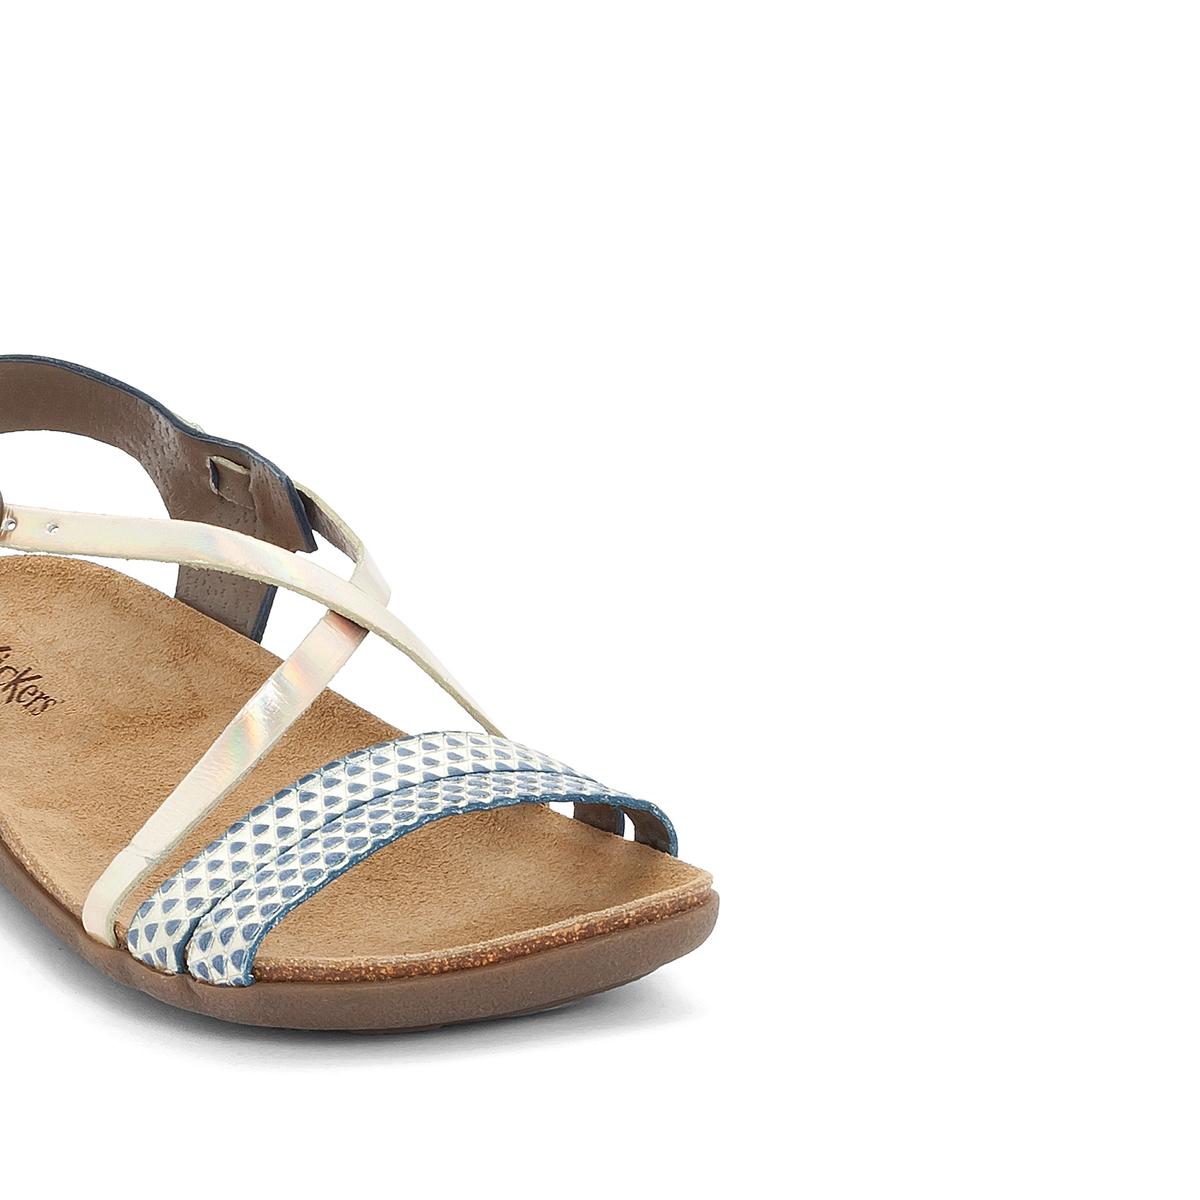 Imagen adicional 3 de producto de Sandalias de piel ATOMIUM - Kickers